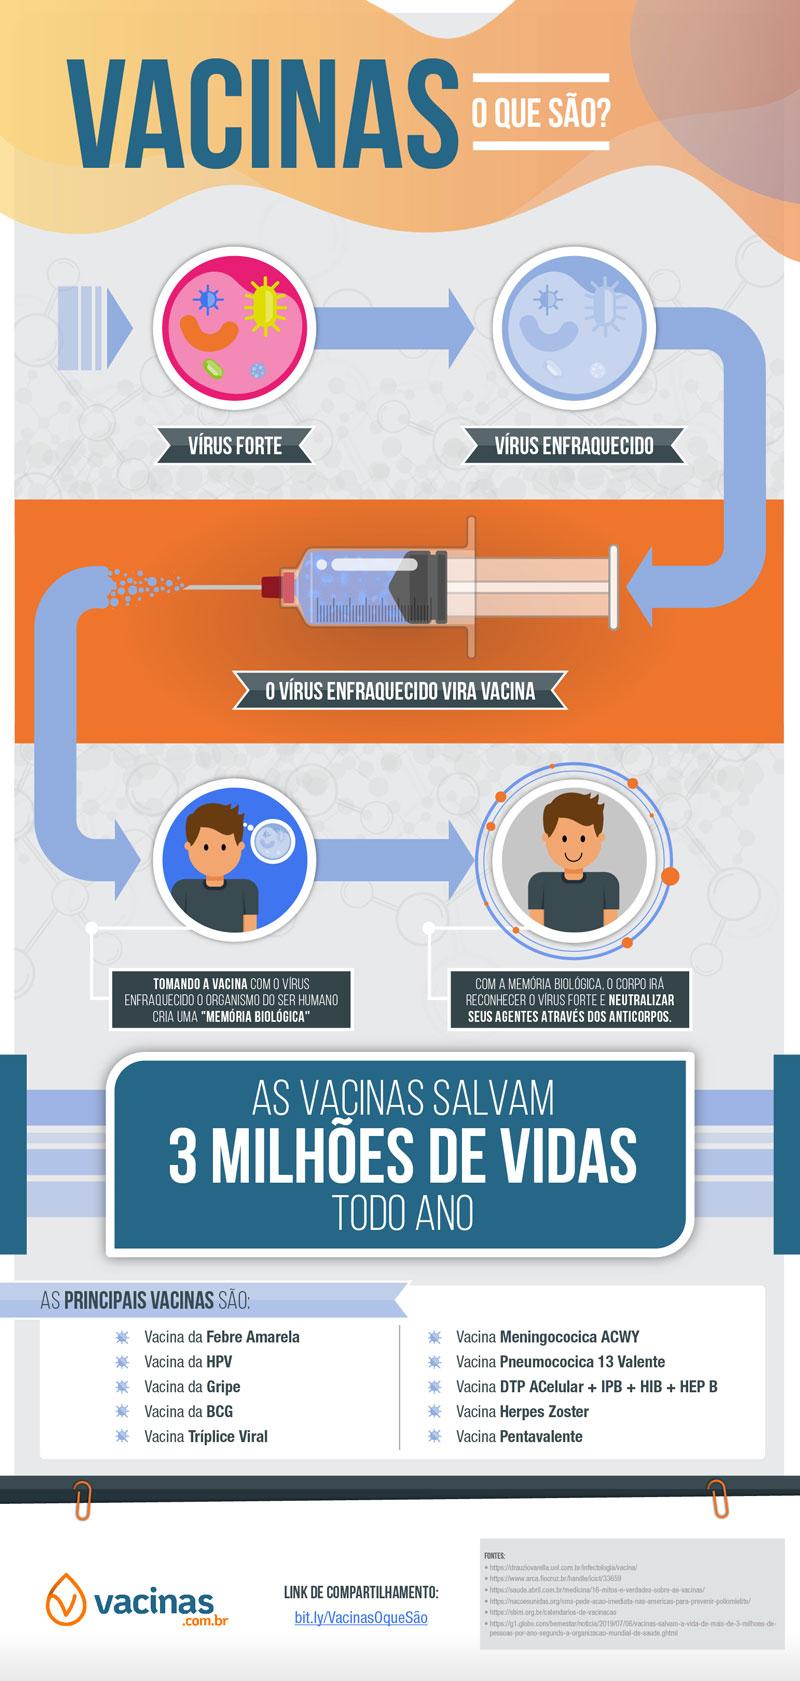 Explicação do que são vacinas